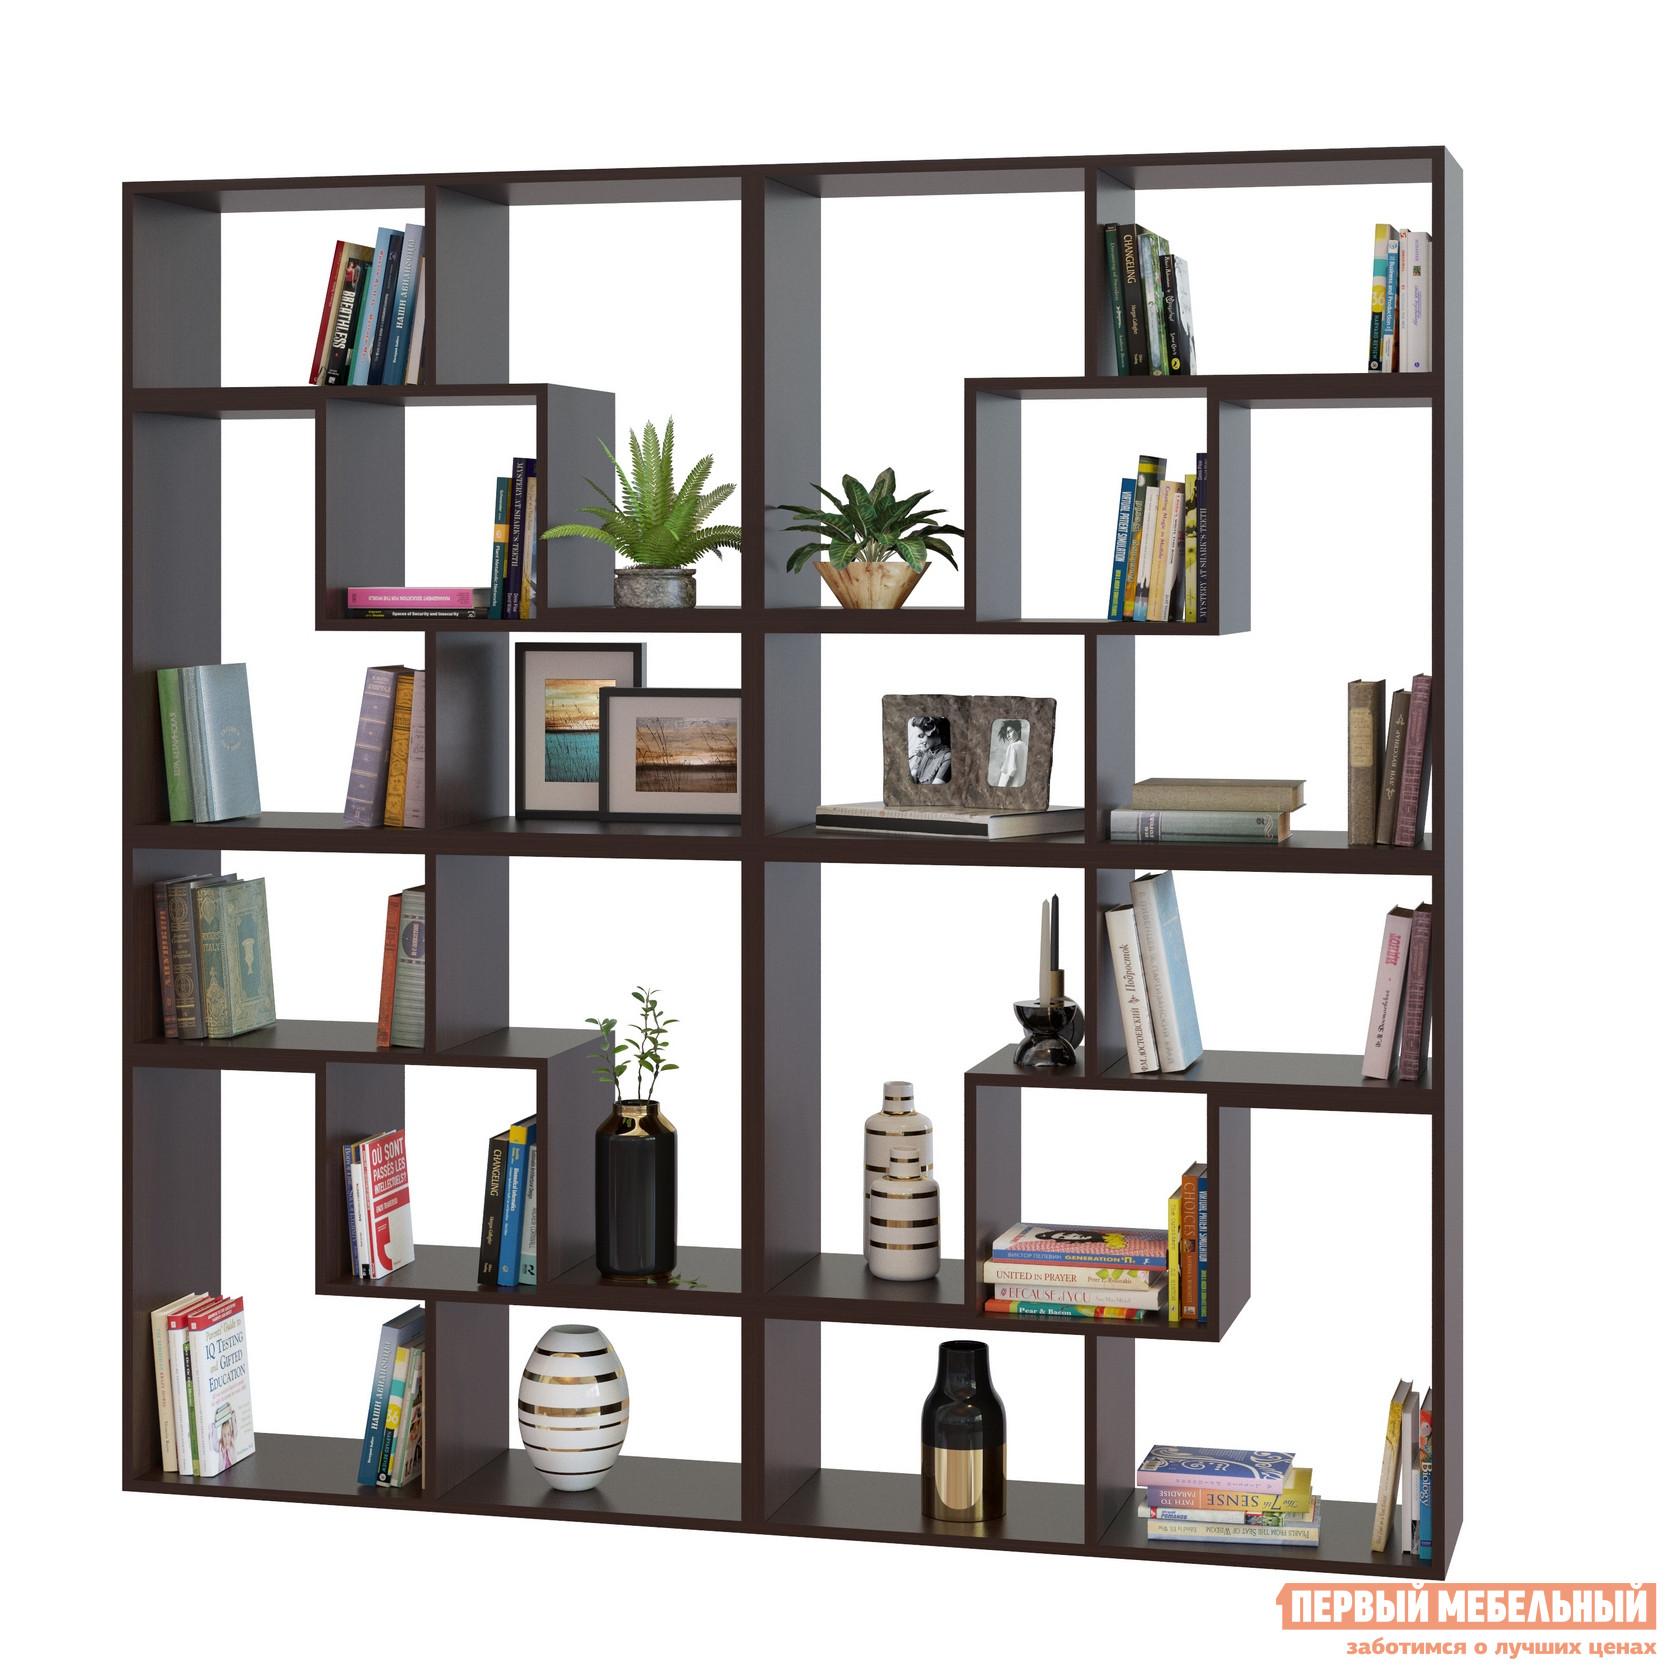 Стеллаж пк-9, 8 шт вариант 2 пк-9-8 в2 :: стеллажи :: мебель.